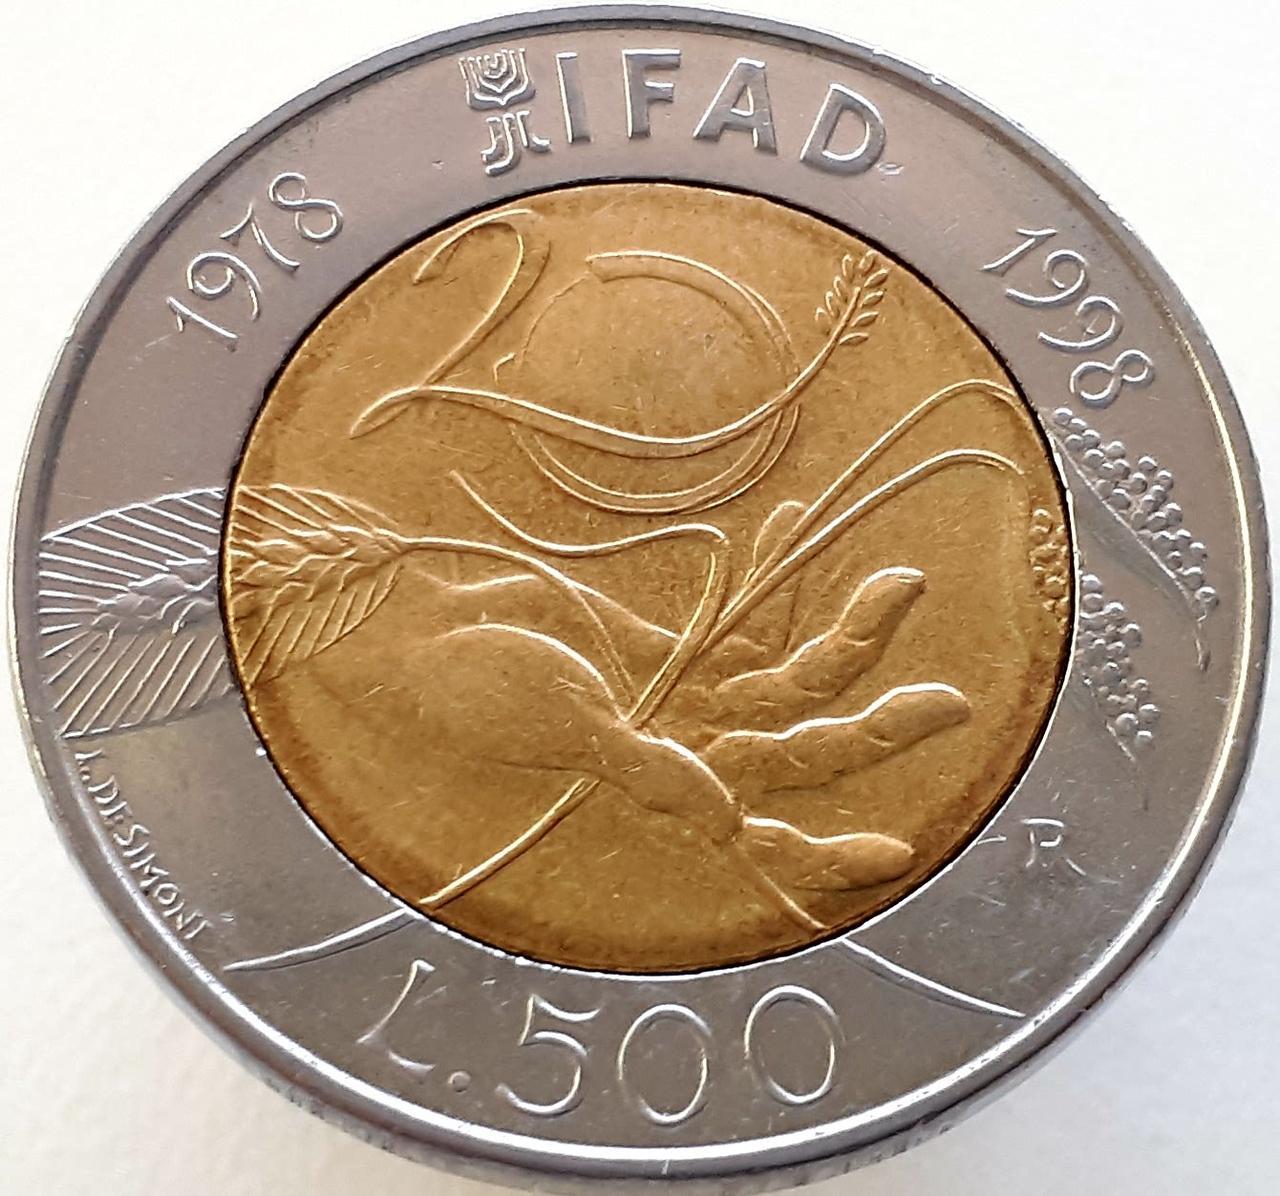 Италия 500 лир 1998 - 20 лет Всемирной продовольственной программе